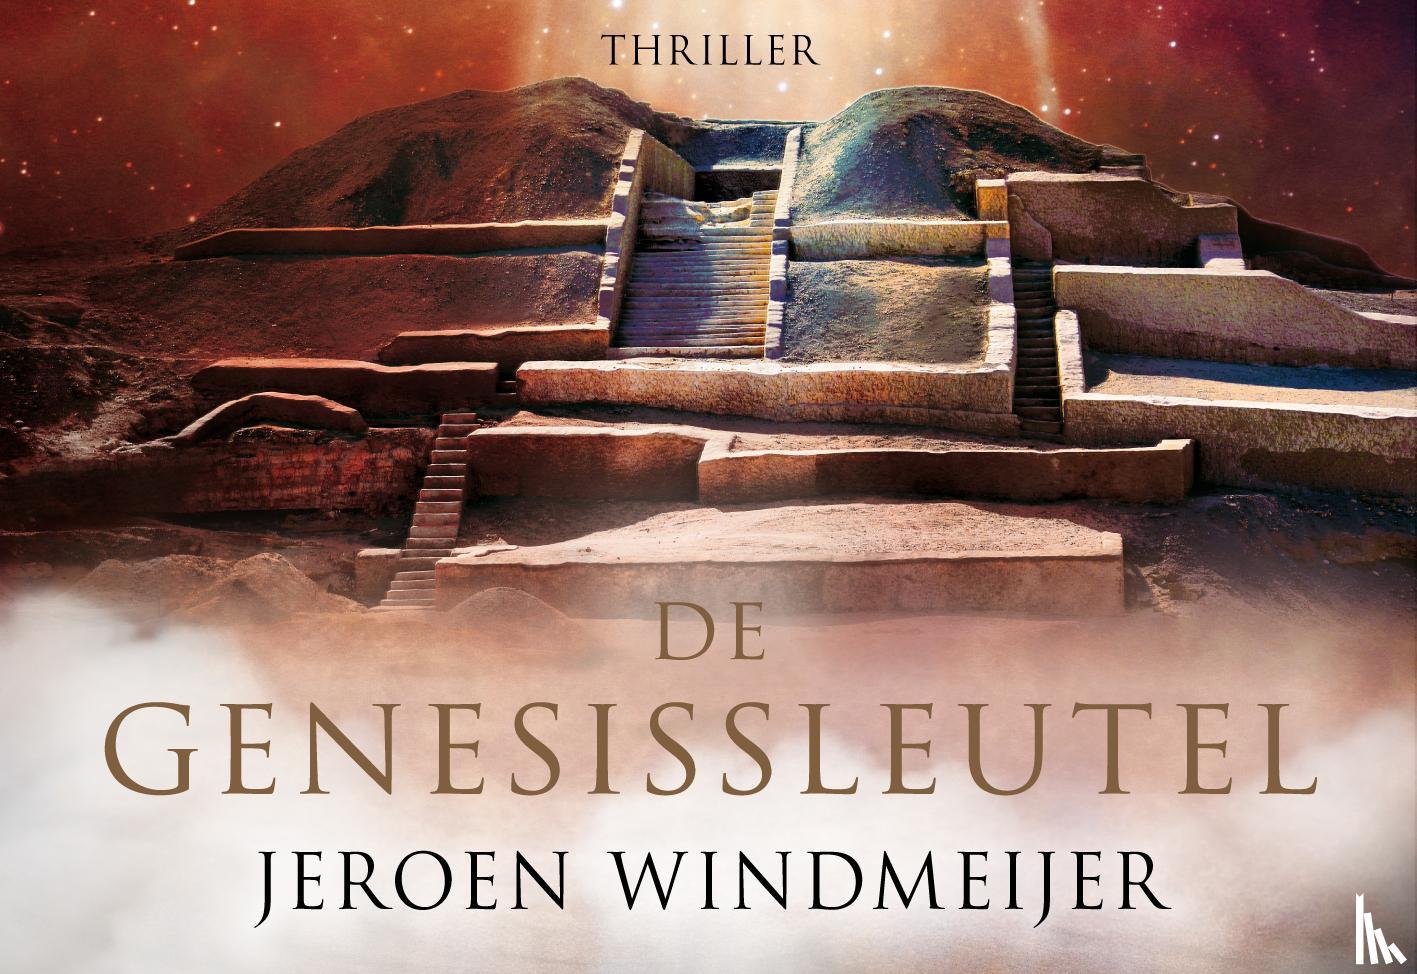 Windmeijer, Jeroen - De genesissleutel